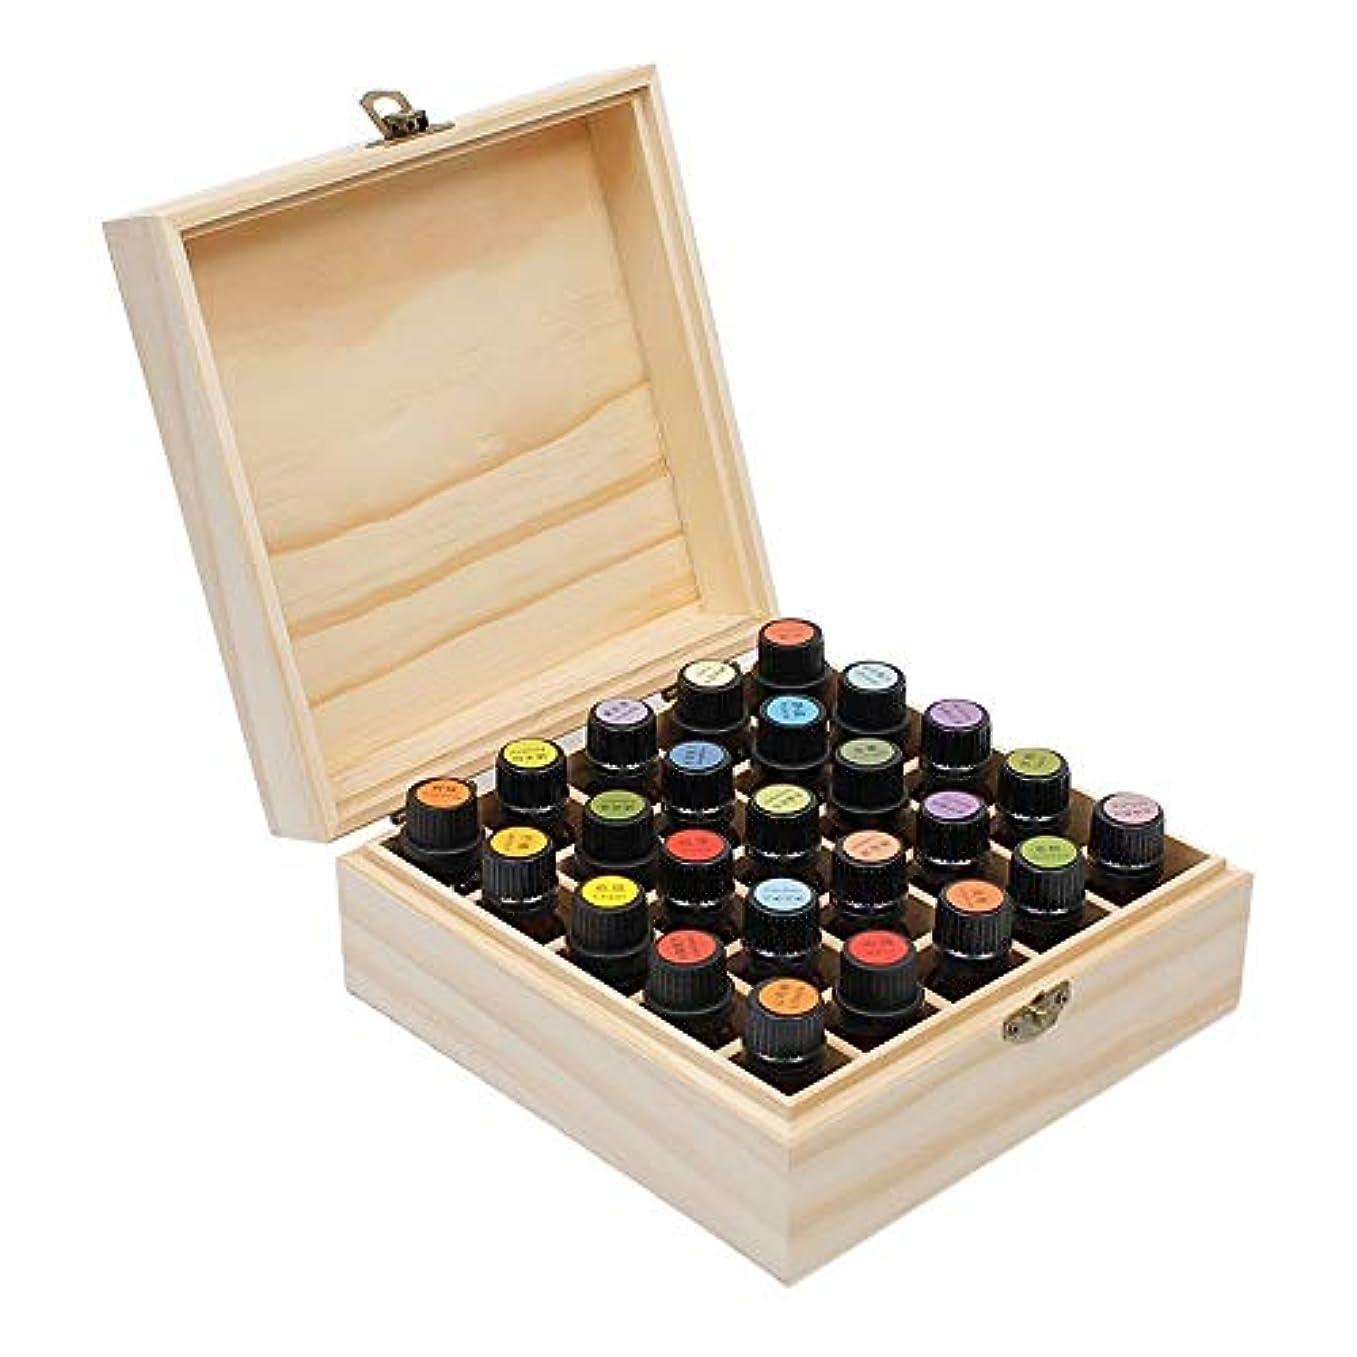 混乱セットアップ軽蔑するエッセンシャルオイルストレージボックス 25搬送するためのスロットエッセンシャルオイルボックス木製収納ケースとホームストレージの表示 旅行およびプレゼンテーション用 (色 : Natural, サイズ : 18.3X18.3X8.3CM)